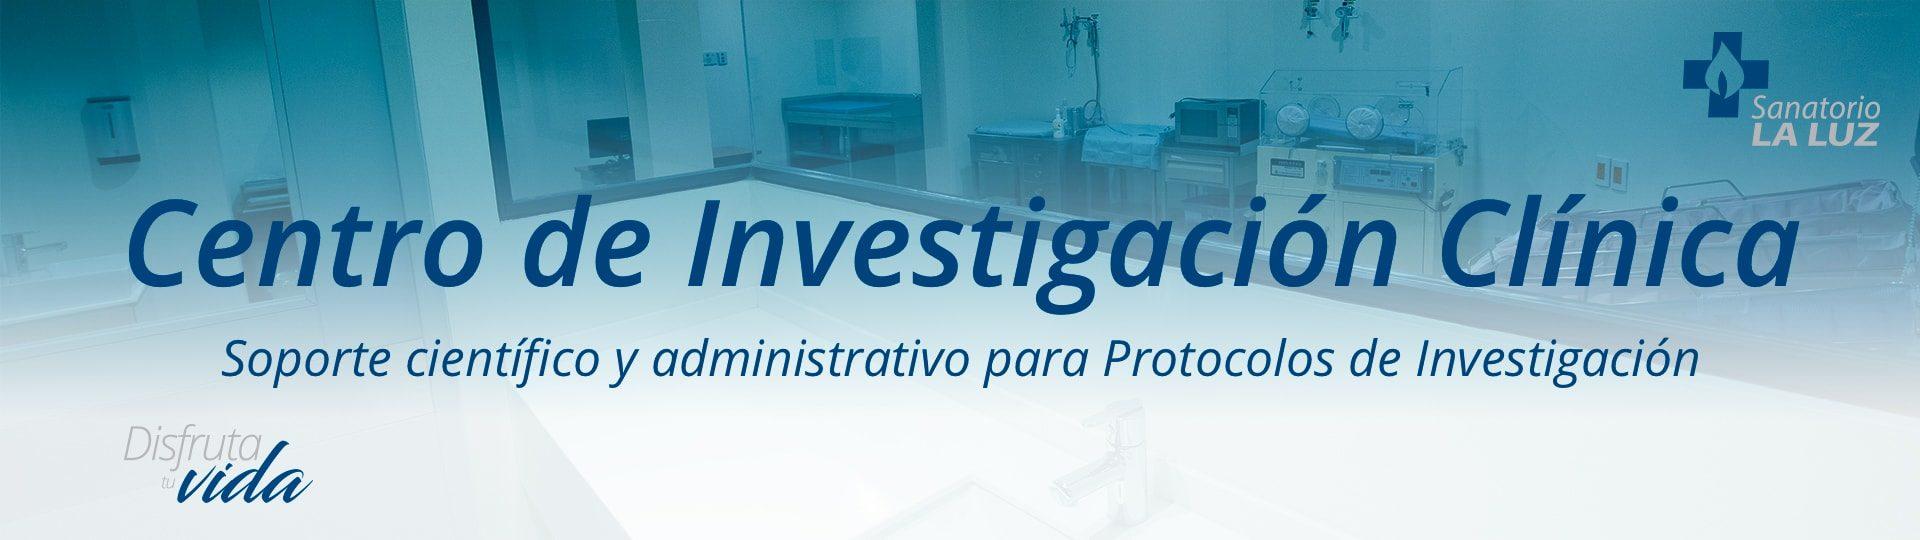 http://www.sanatoriolaluz.mx//wp-content/uploads/2018/01/Centro-de-Investigación-Clínica-Header-1920x540.jpg